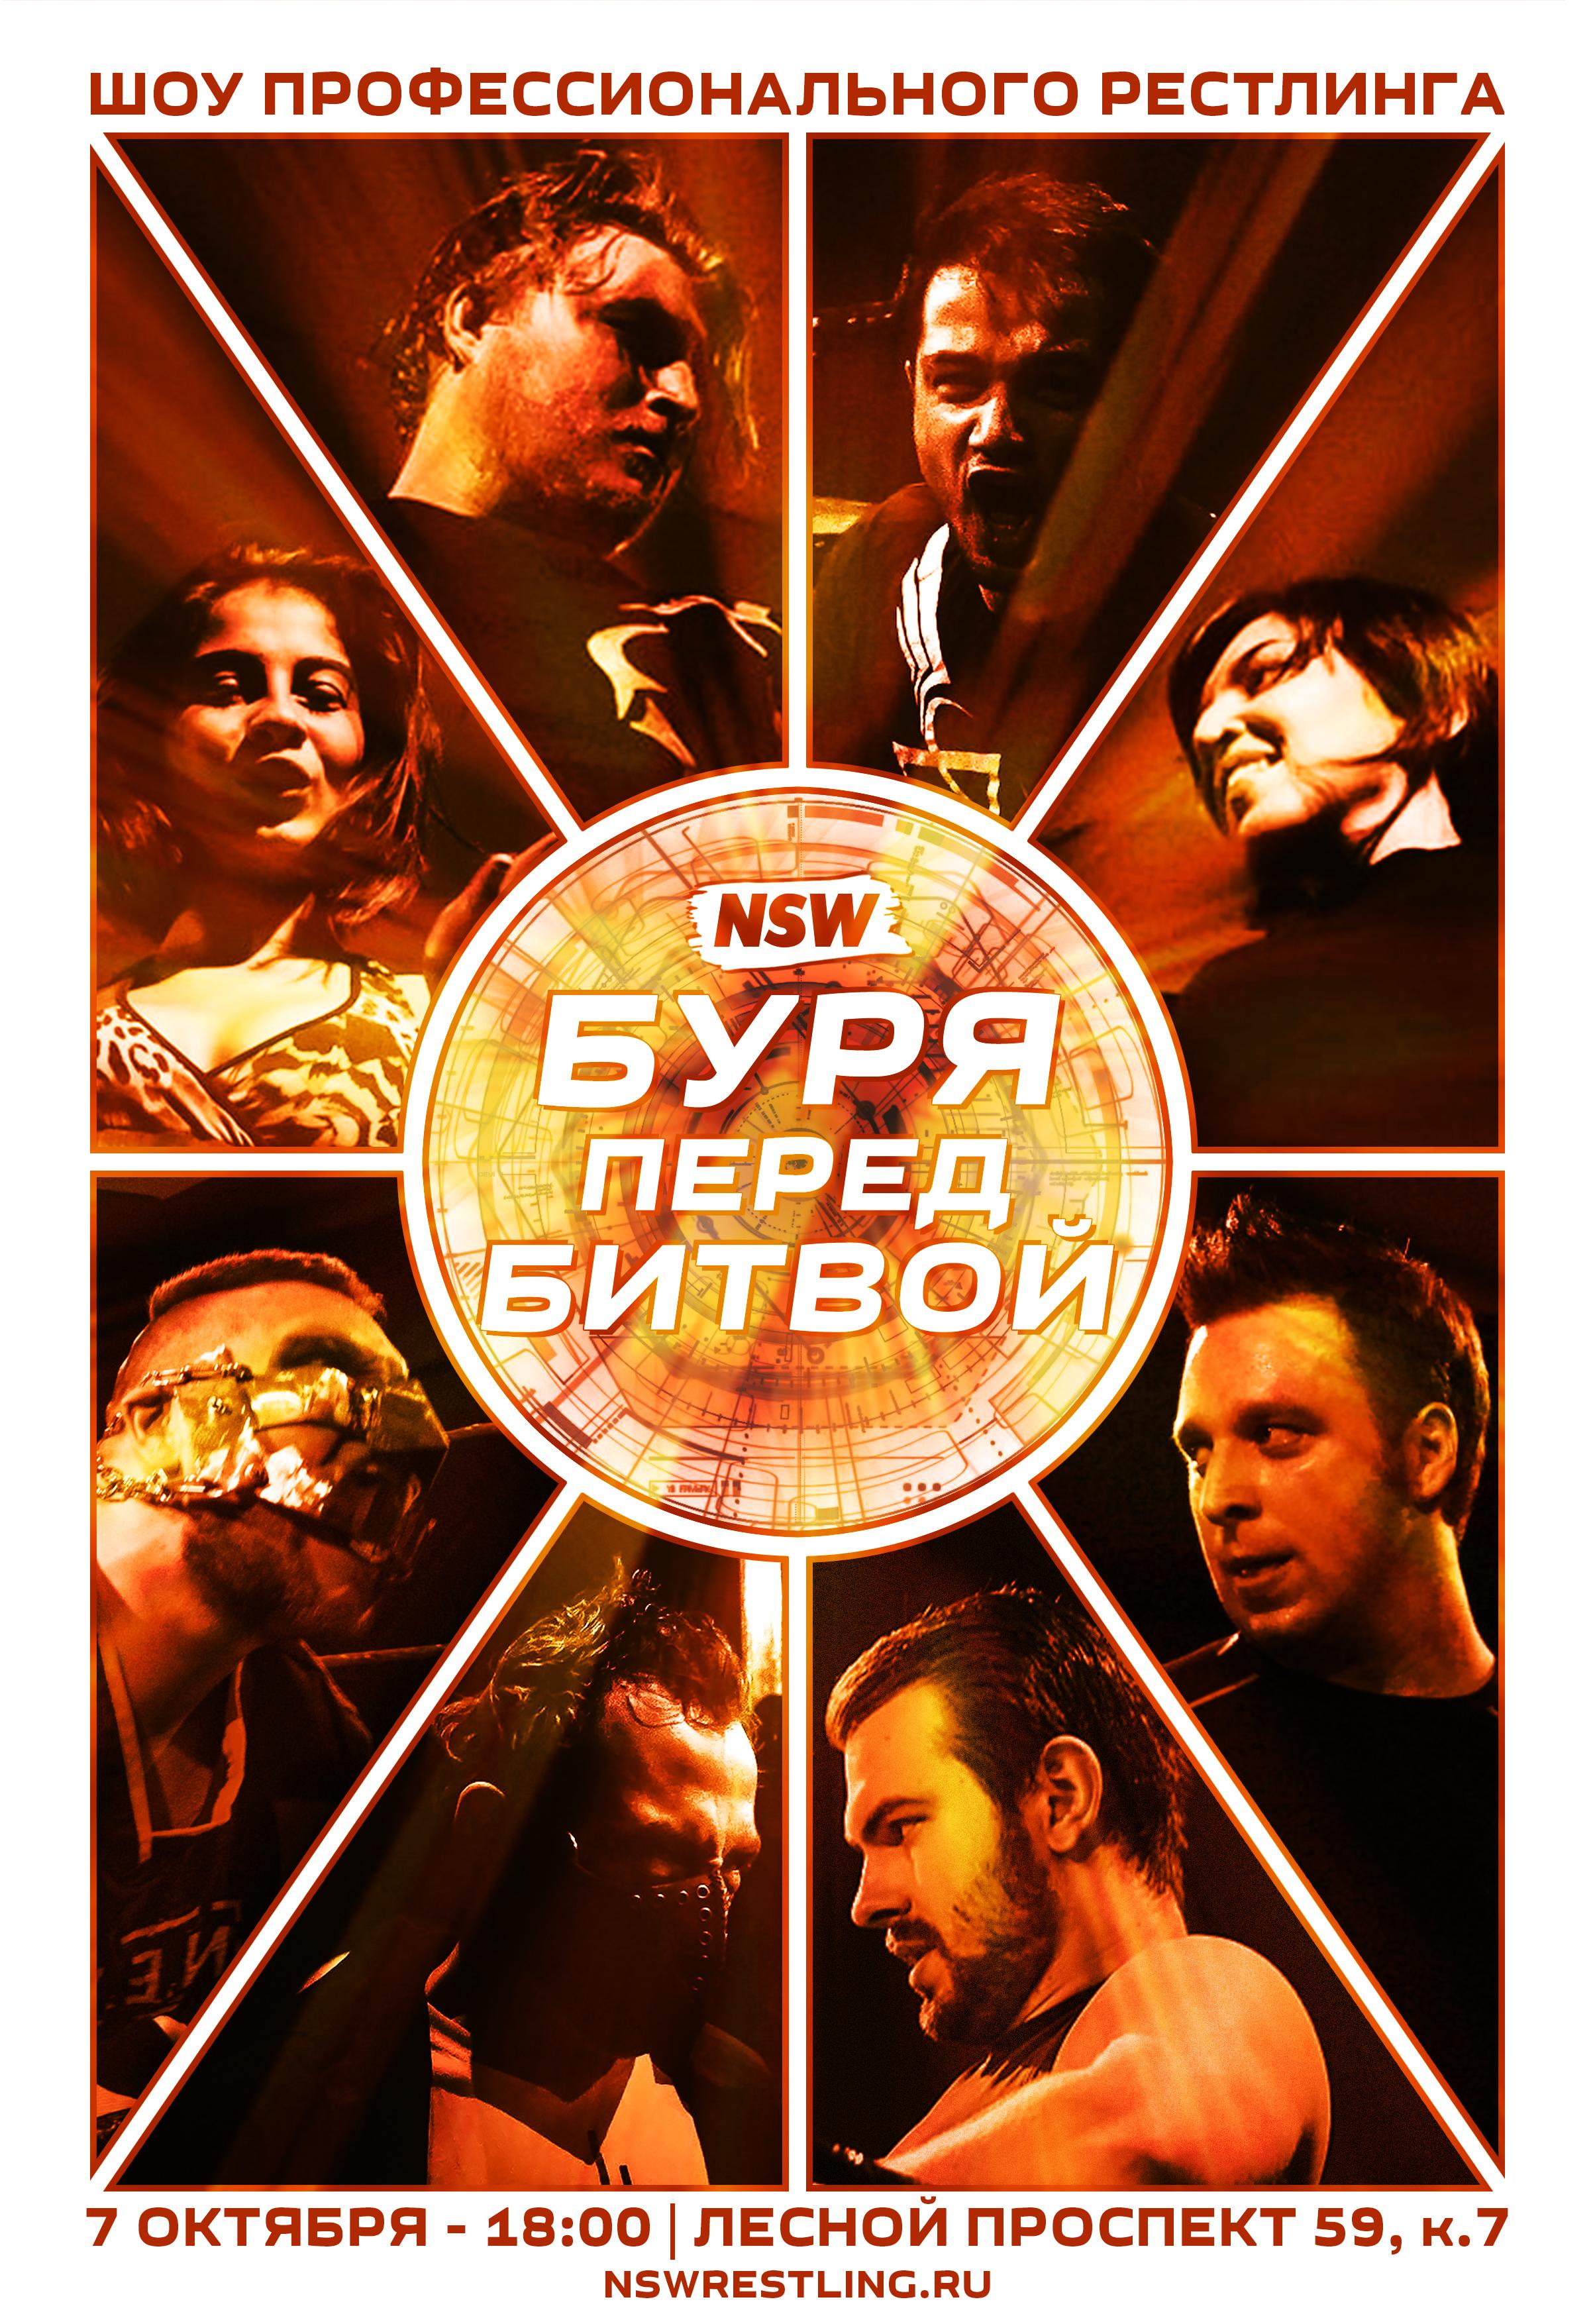 Постер шоу рестлинга NSW Буря Перед Битвой 2017